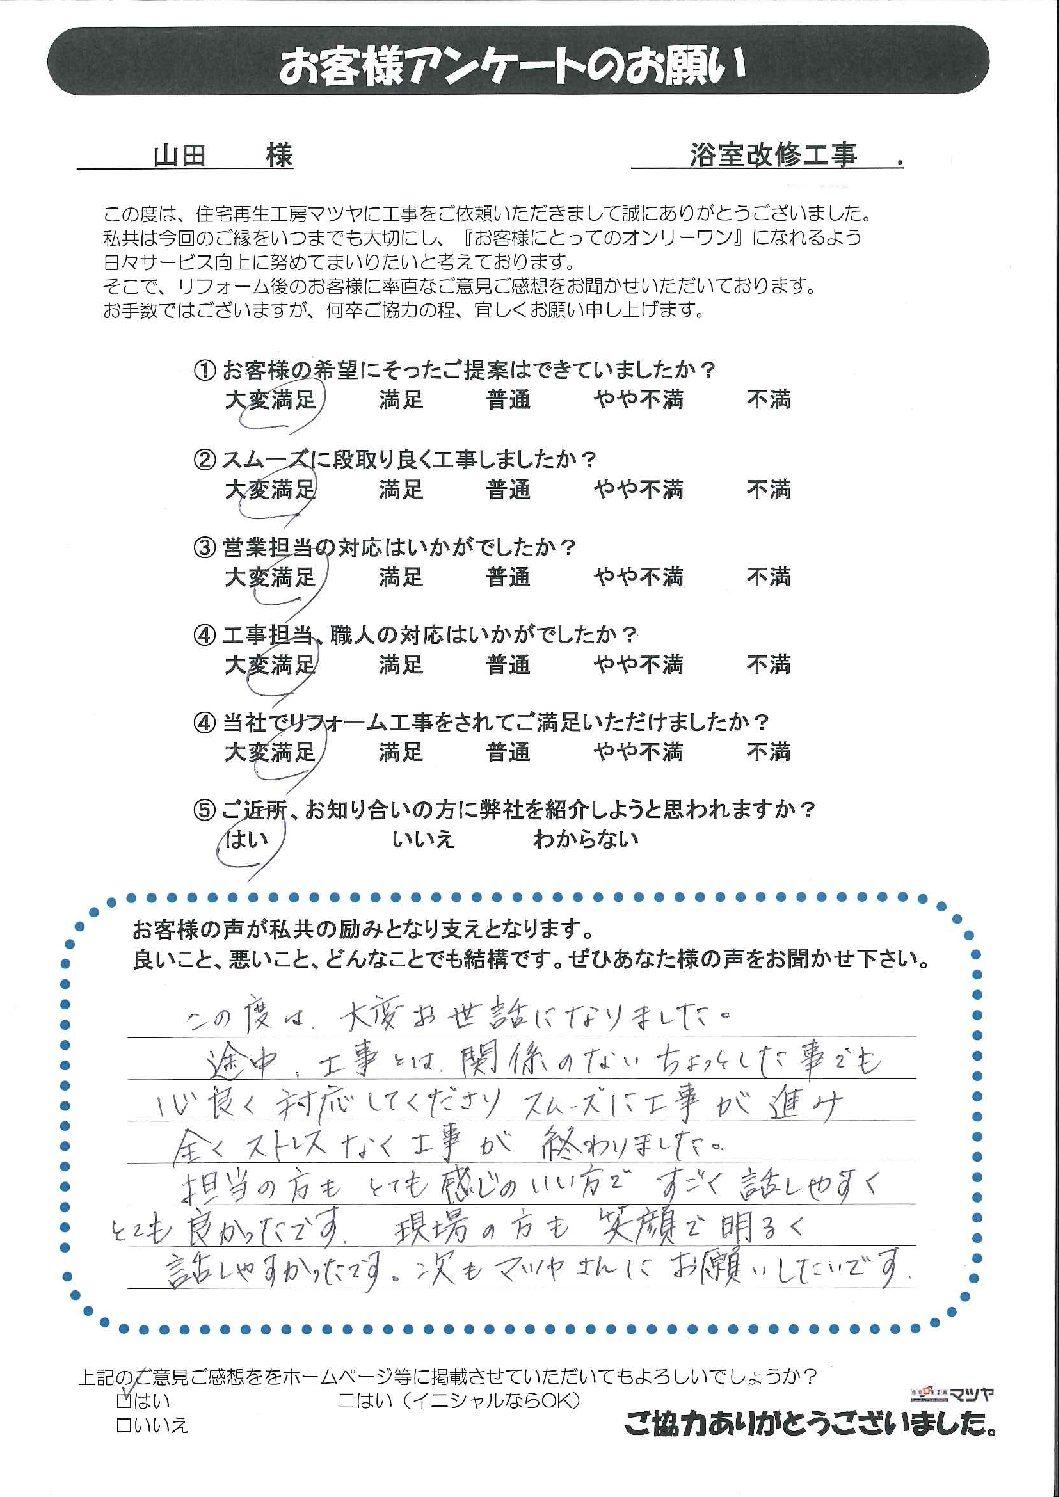 浴室改修工事 山田様の直筆